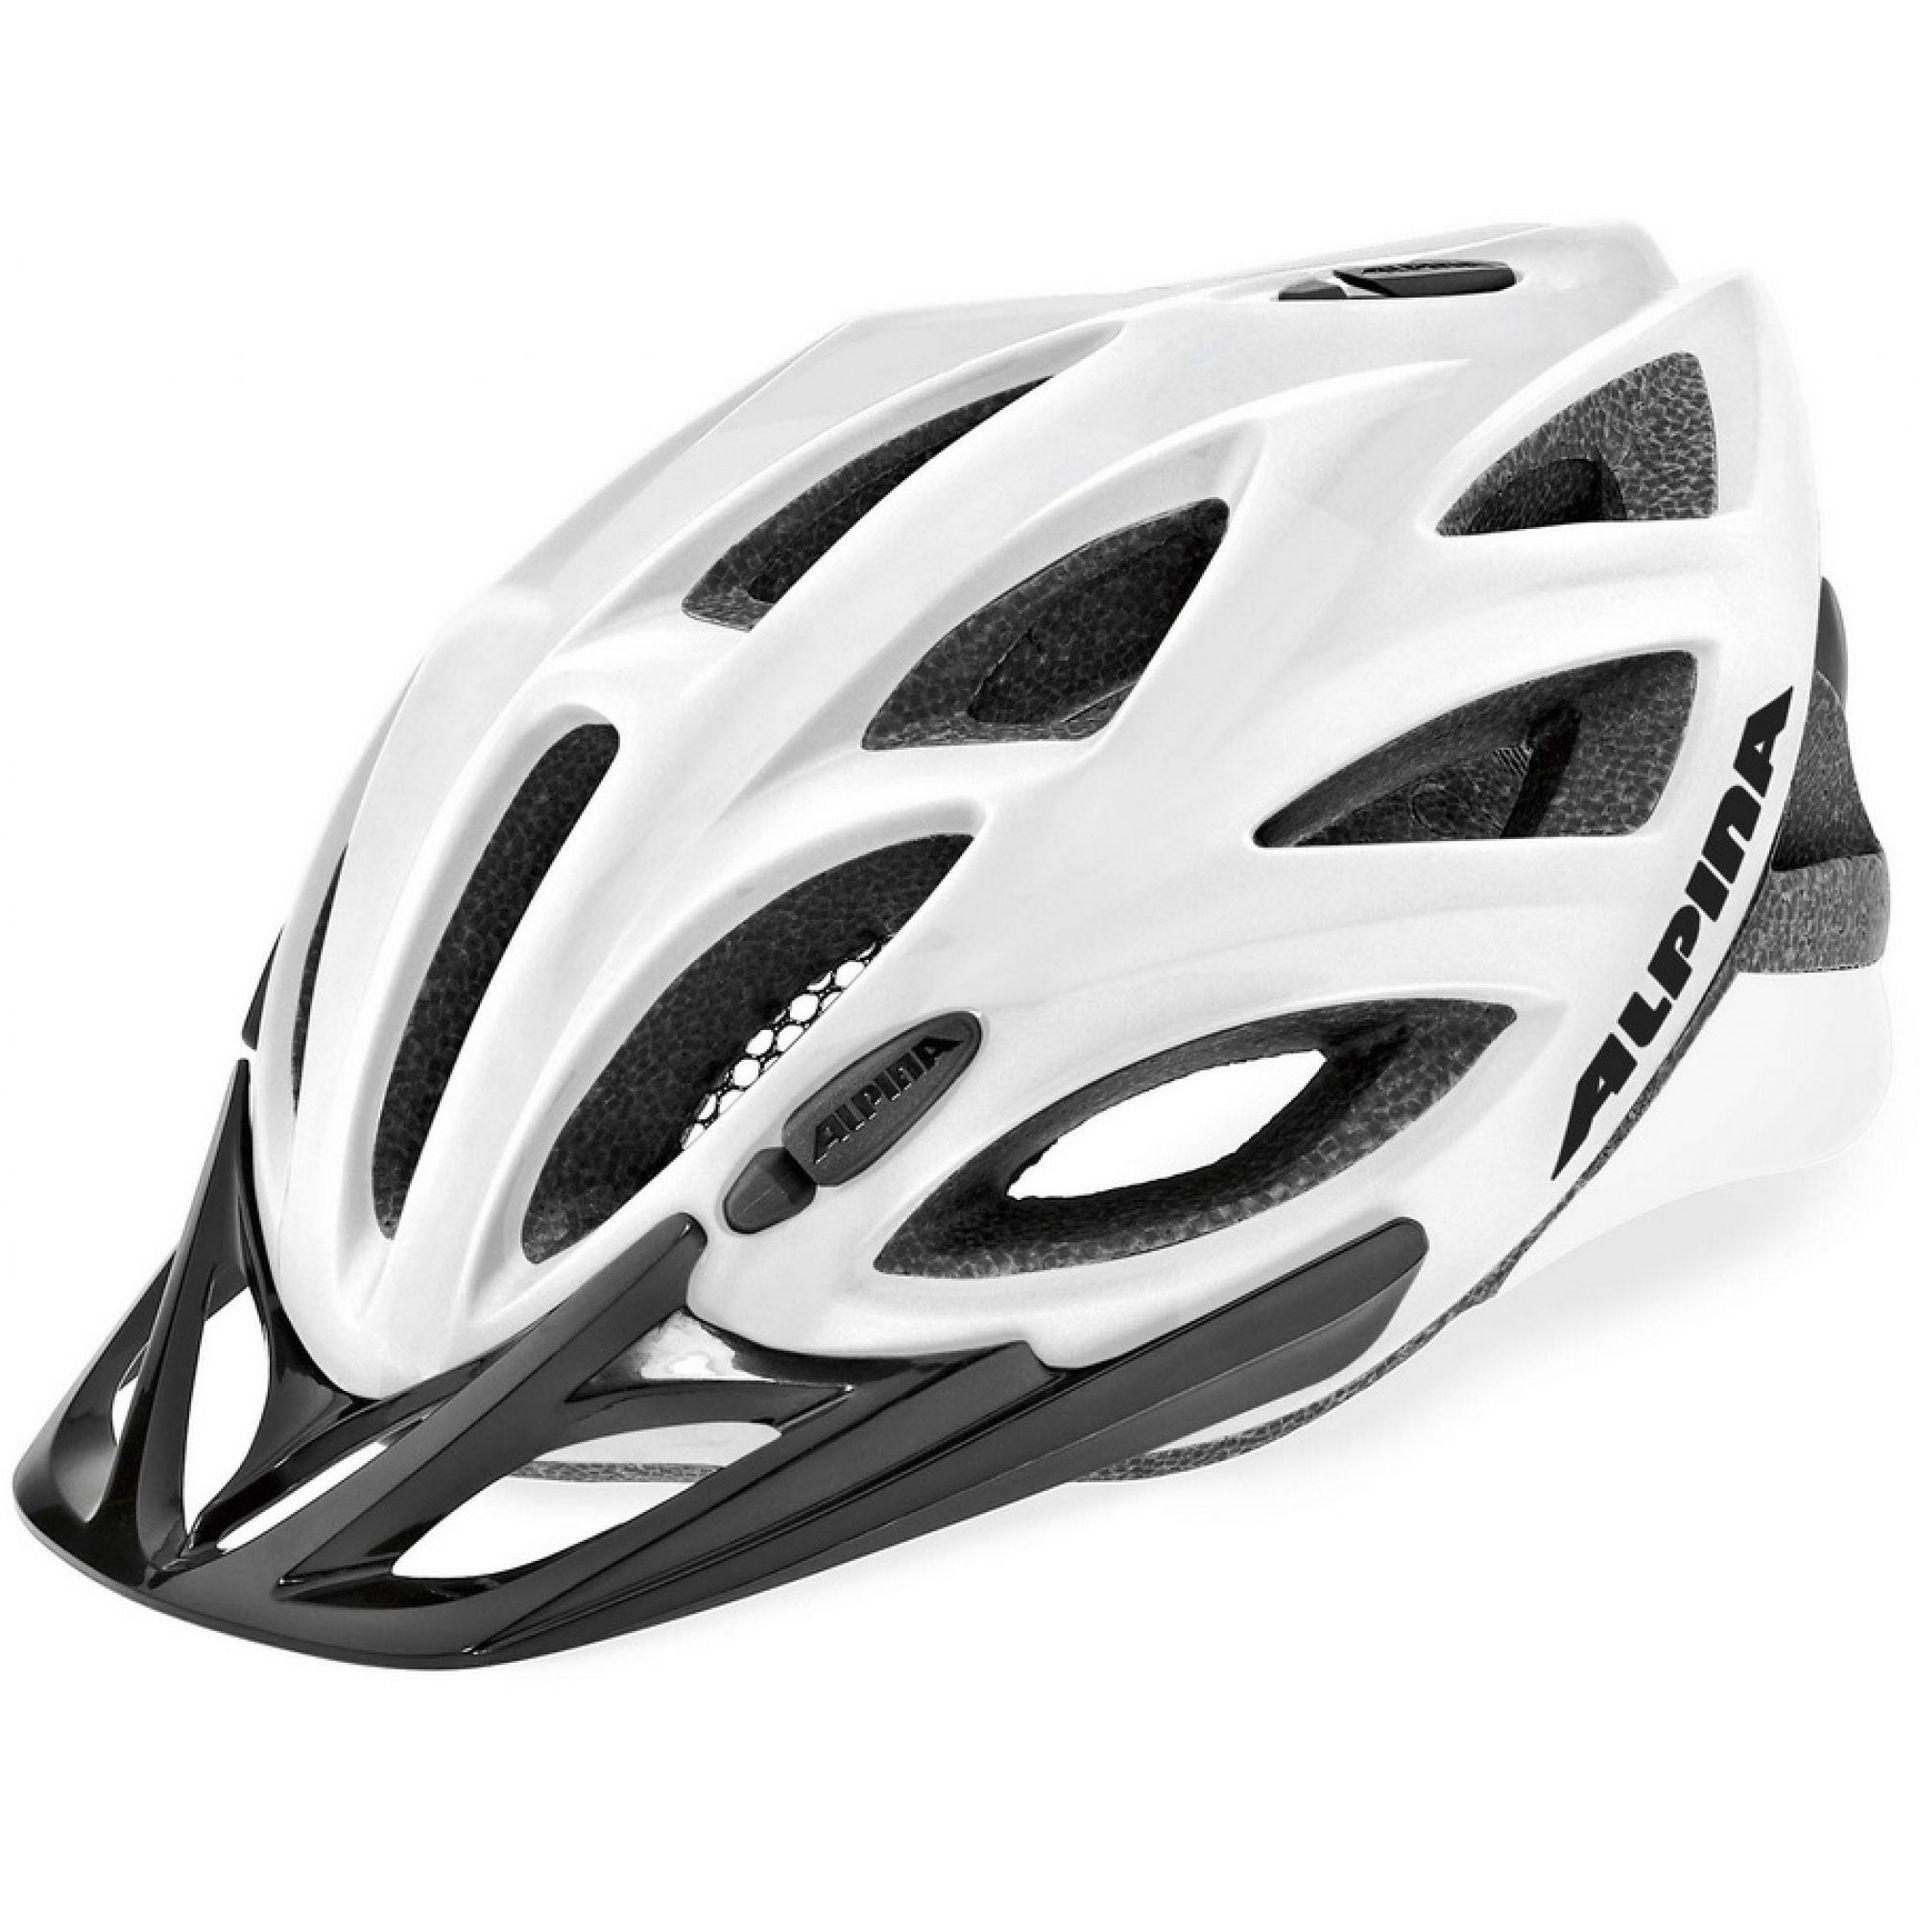 Kask rowerowy Alpina Spice Light biało czarny